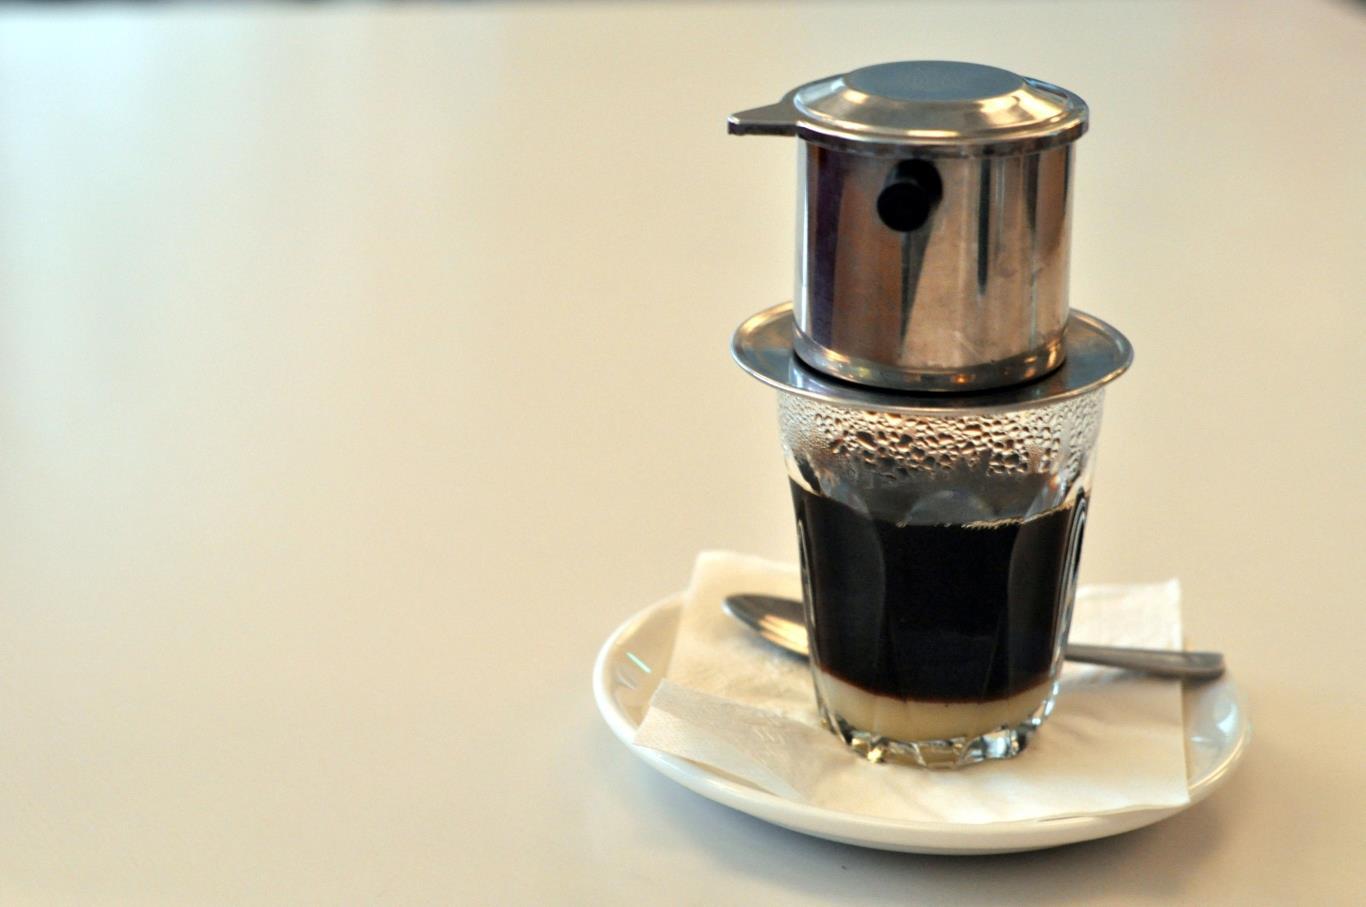 Pha cà phê phin Arabica đúng chuẩn thì ly cà phê mới ngon tròn vị.